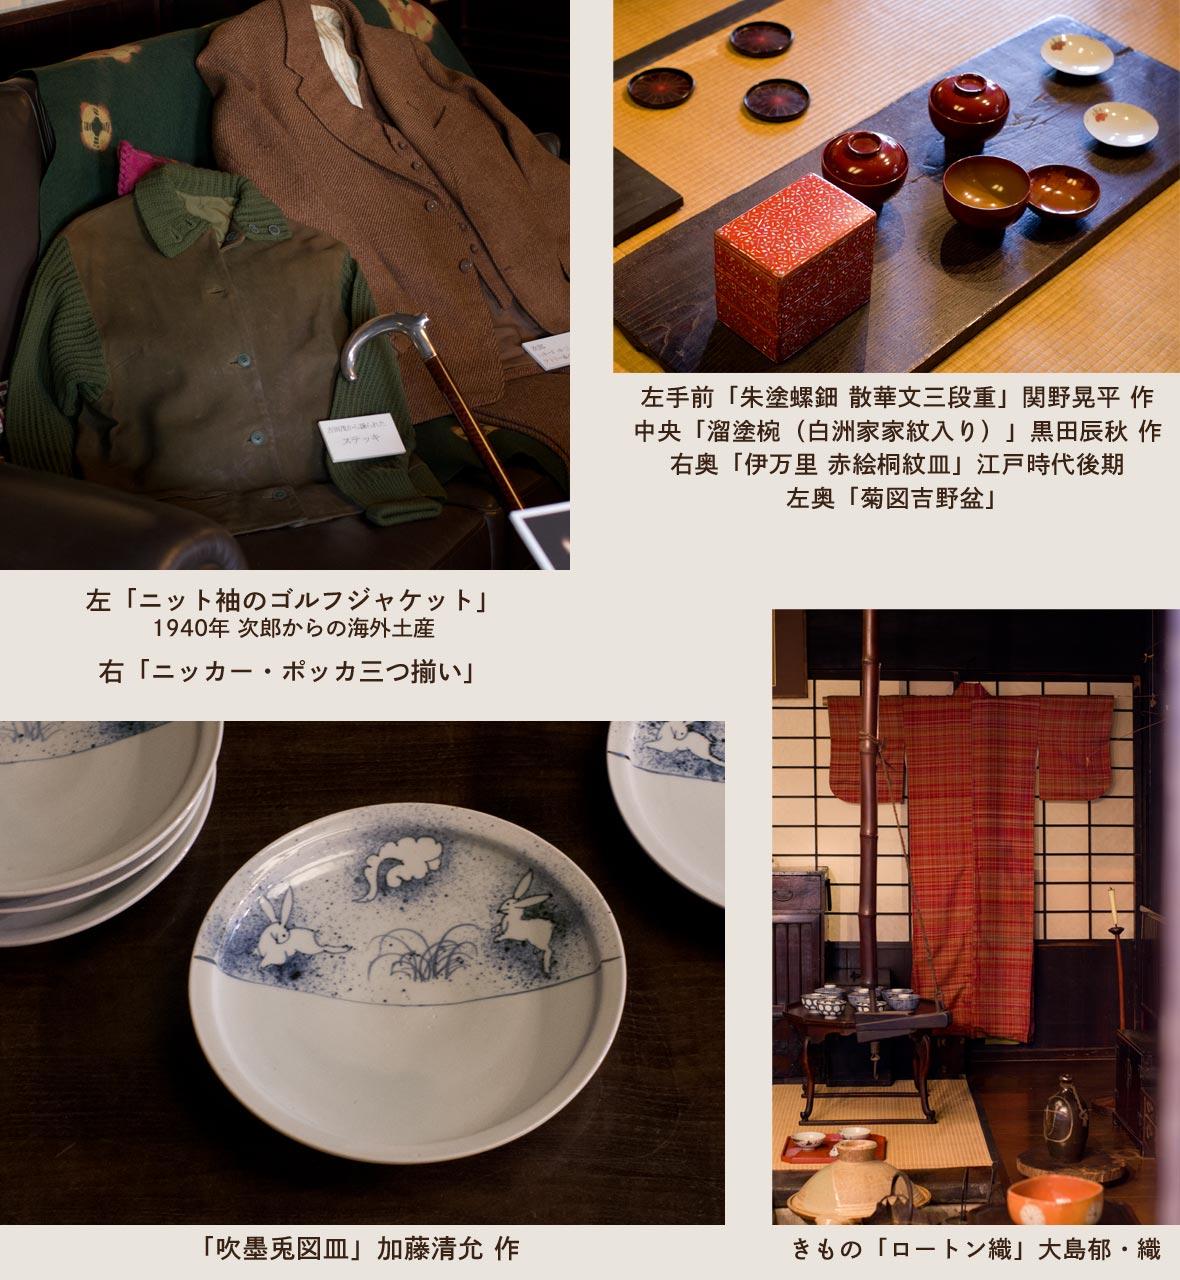 武相荘 冬の展示 2017-2018年